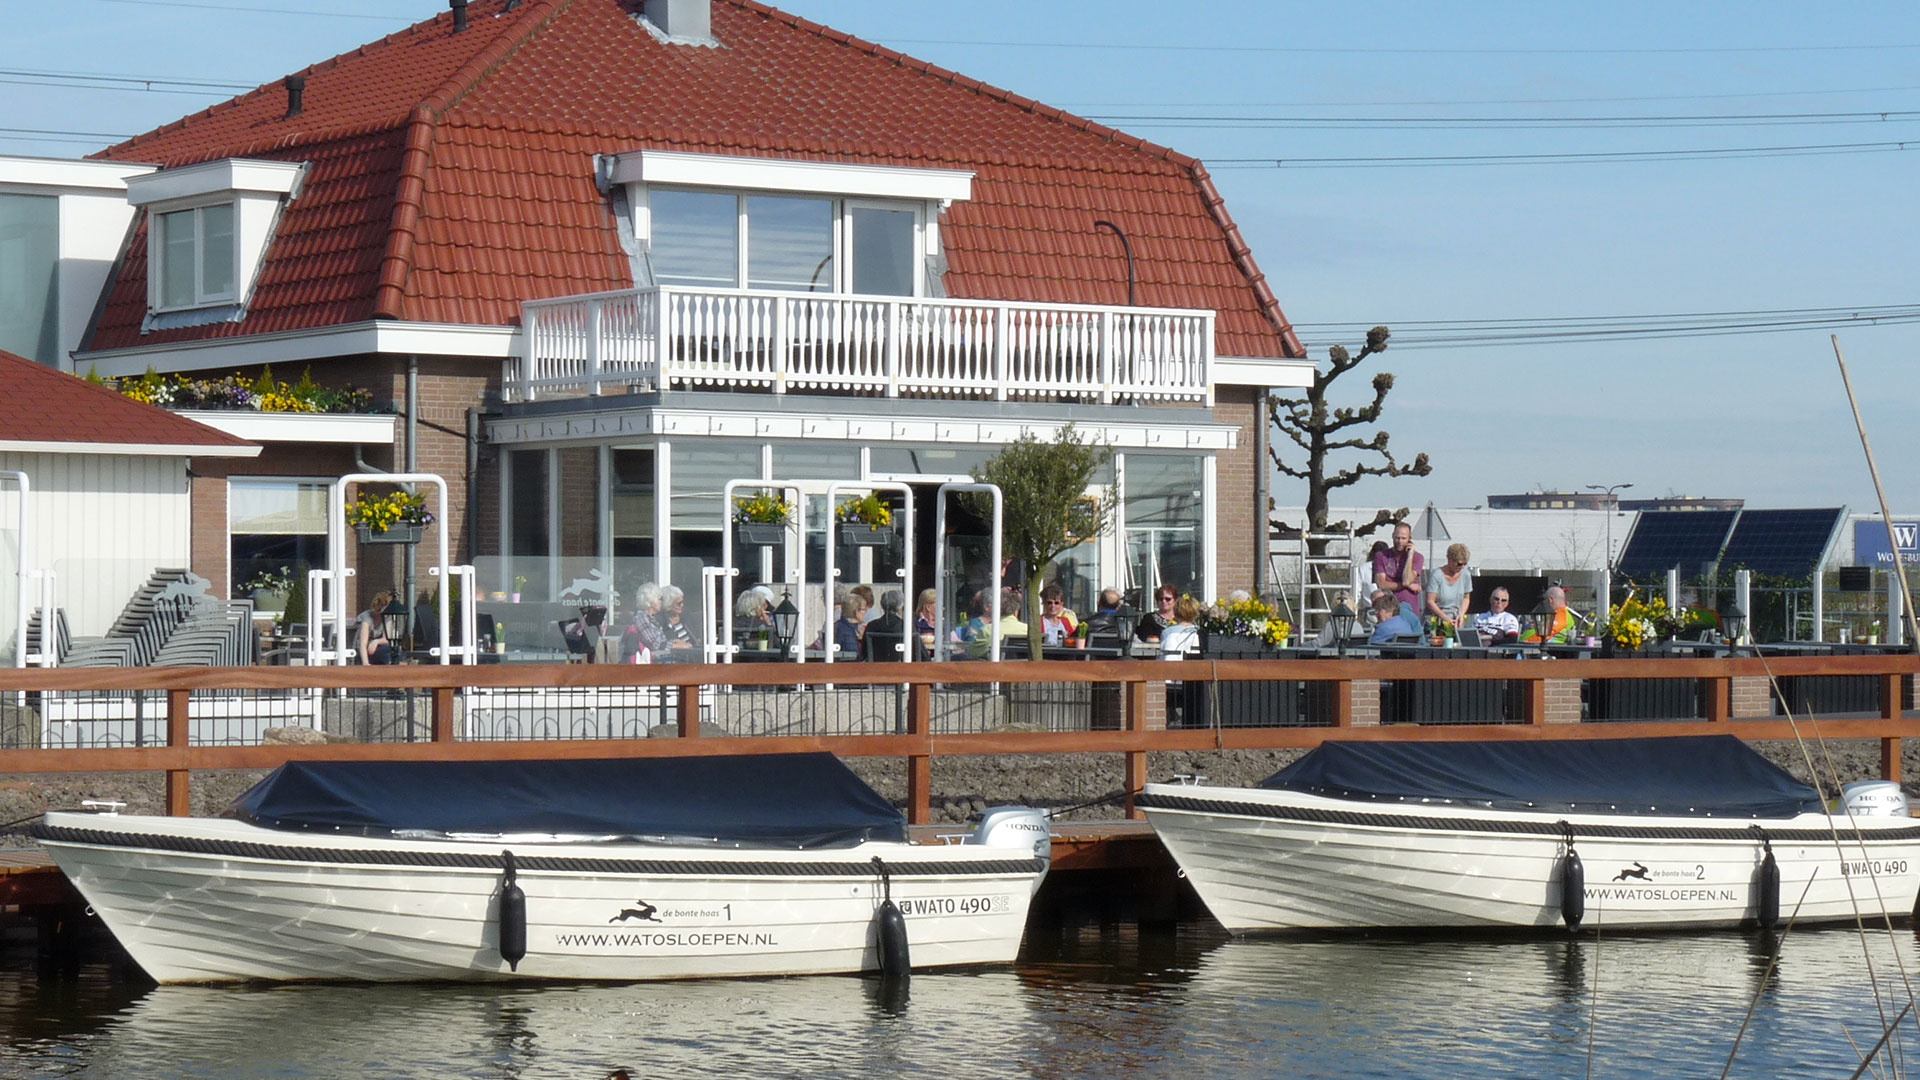 foto van het terras van eetcafe de bonte haas en de huursloepen die voor het terras in het water liggen in het Westland